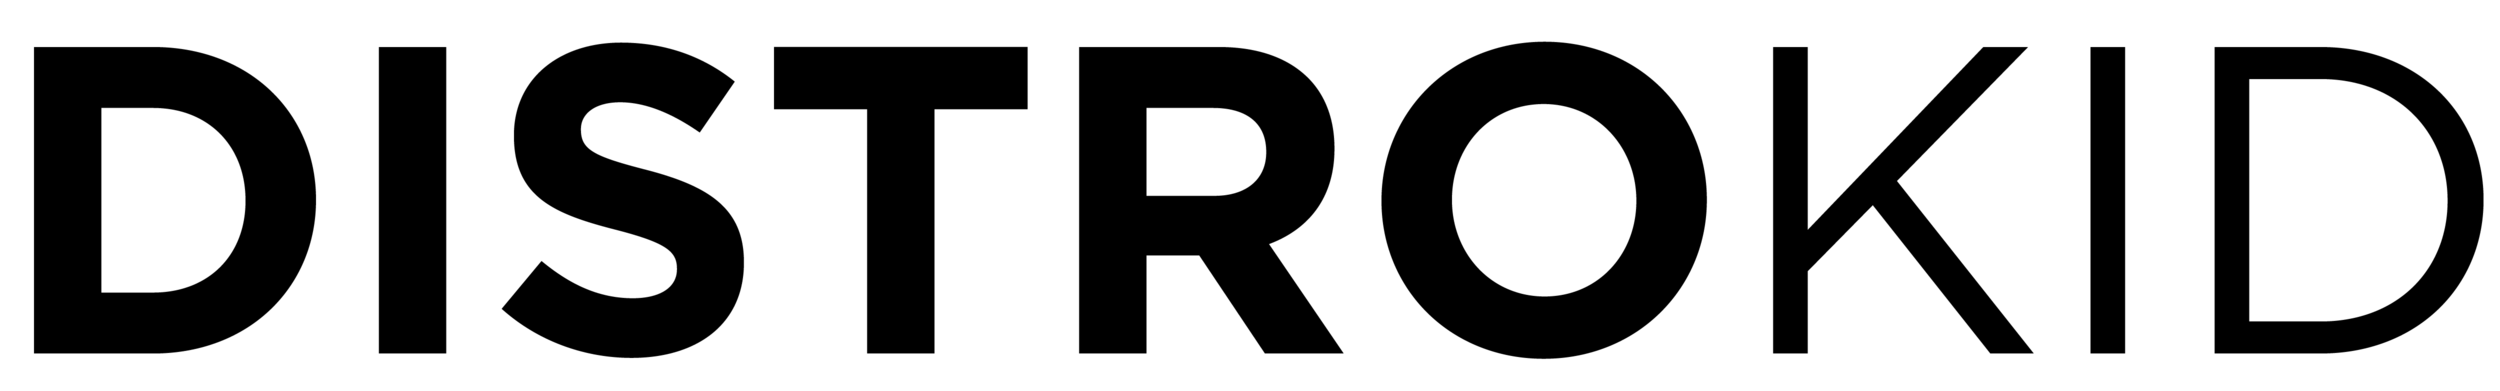 hi-res-words-5000-light-background.png